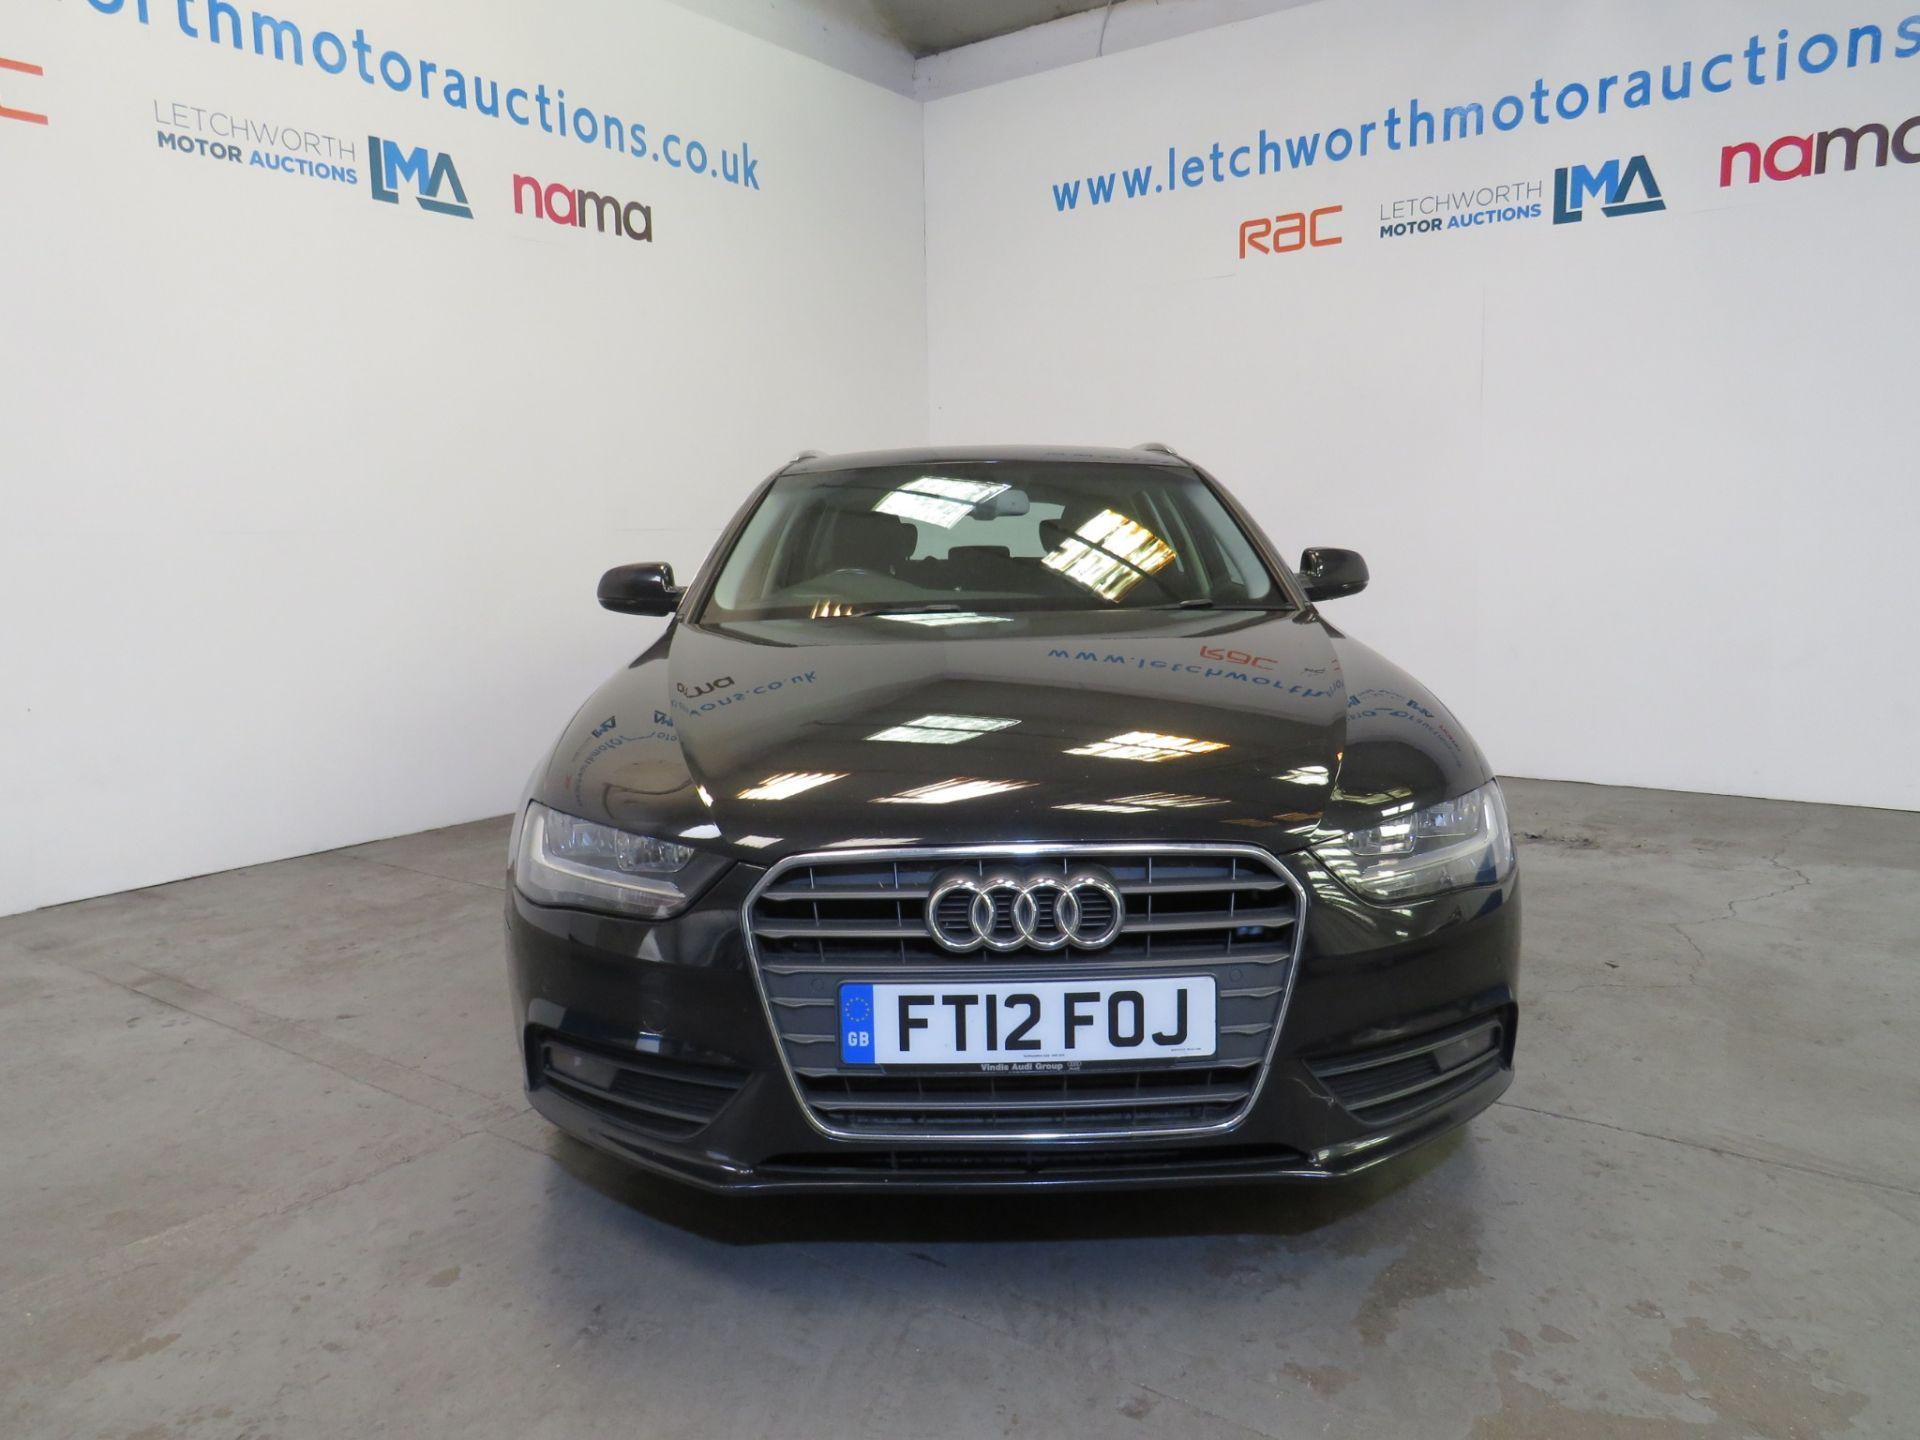 Lot 18 - 2012 Audi A4 SE TDI CVT - 1968cc